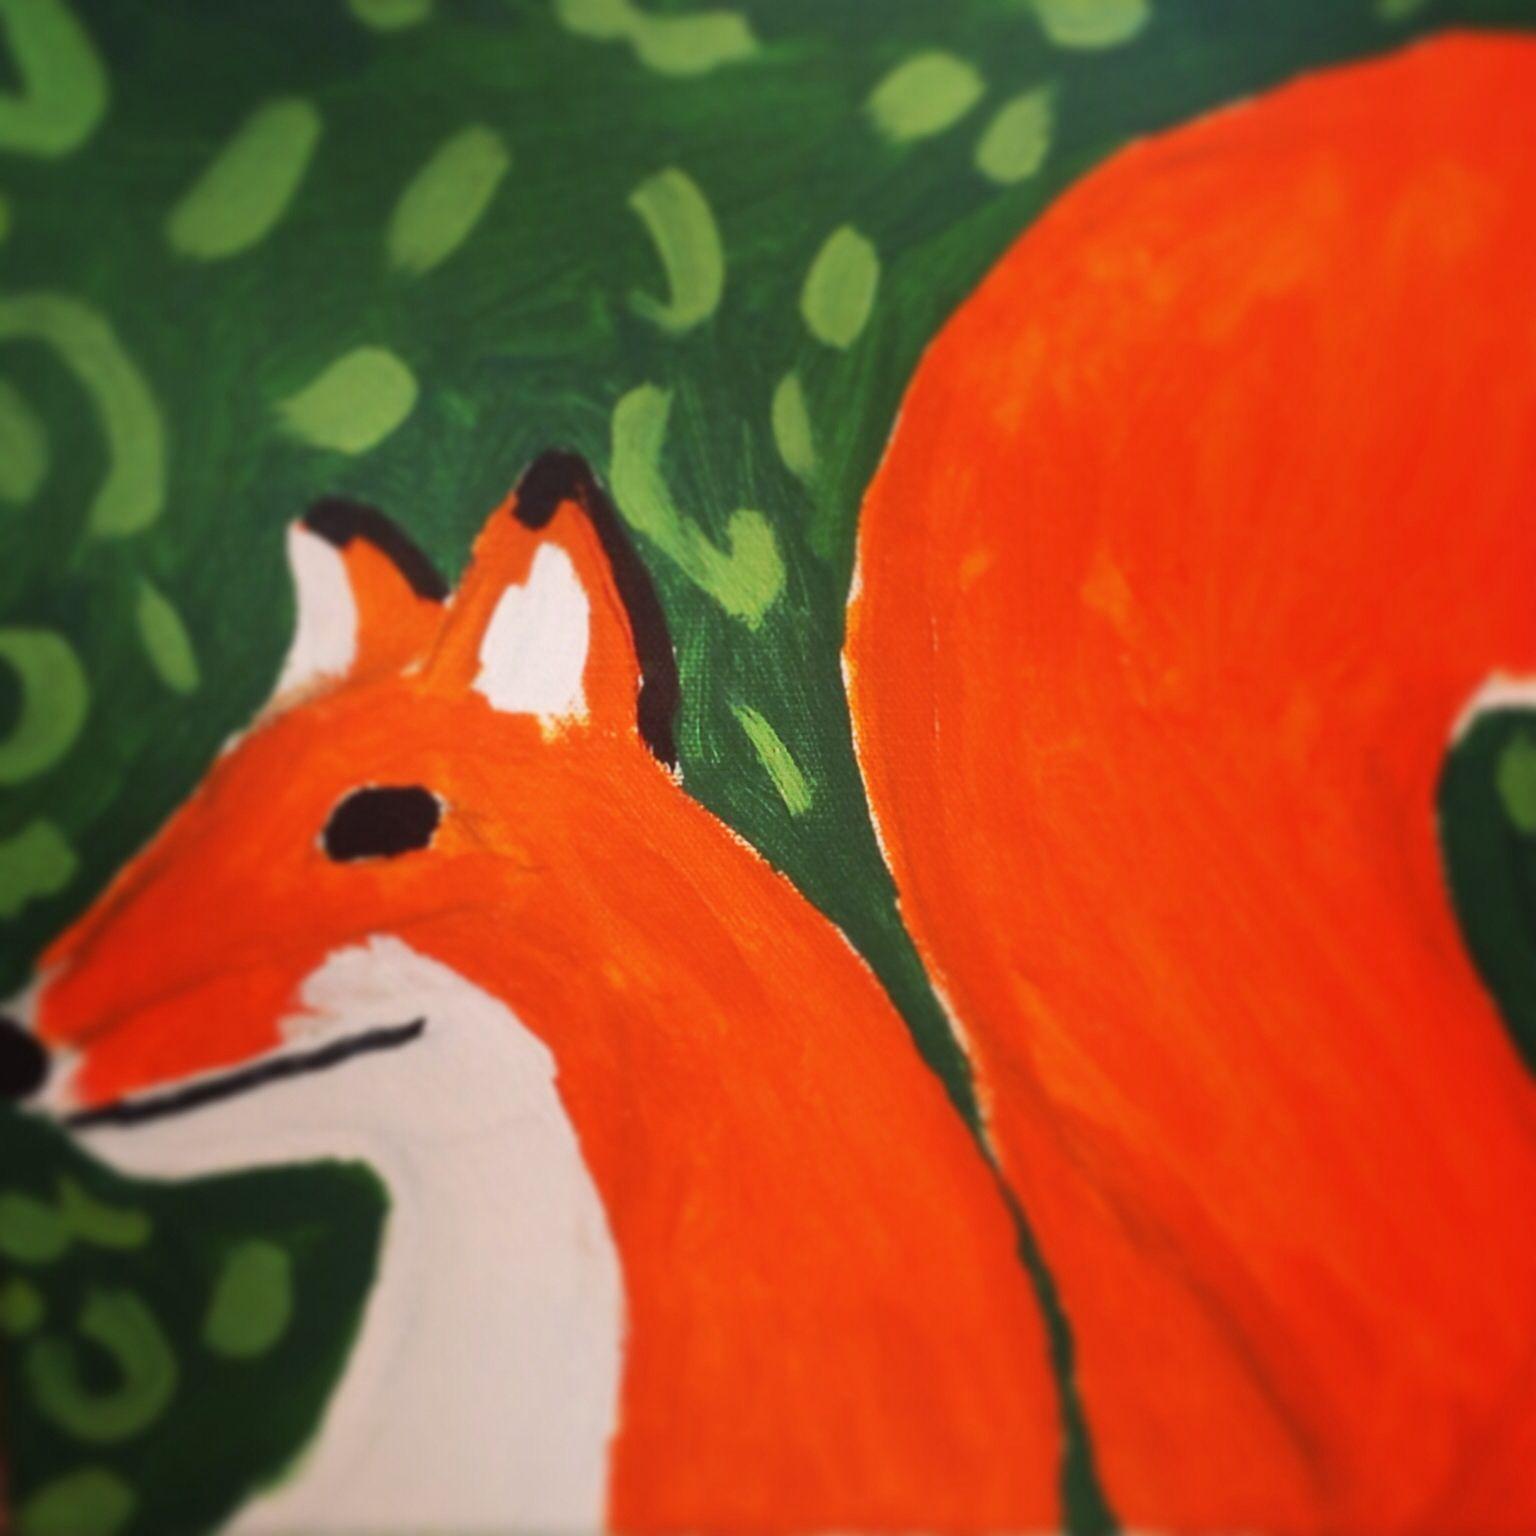 He is a fox